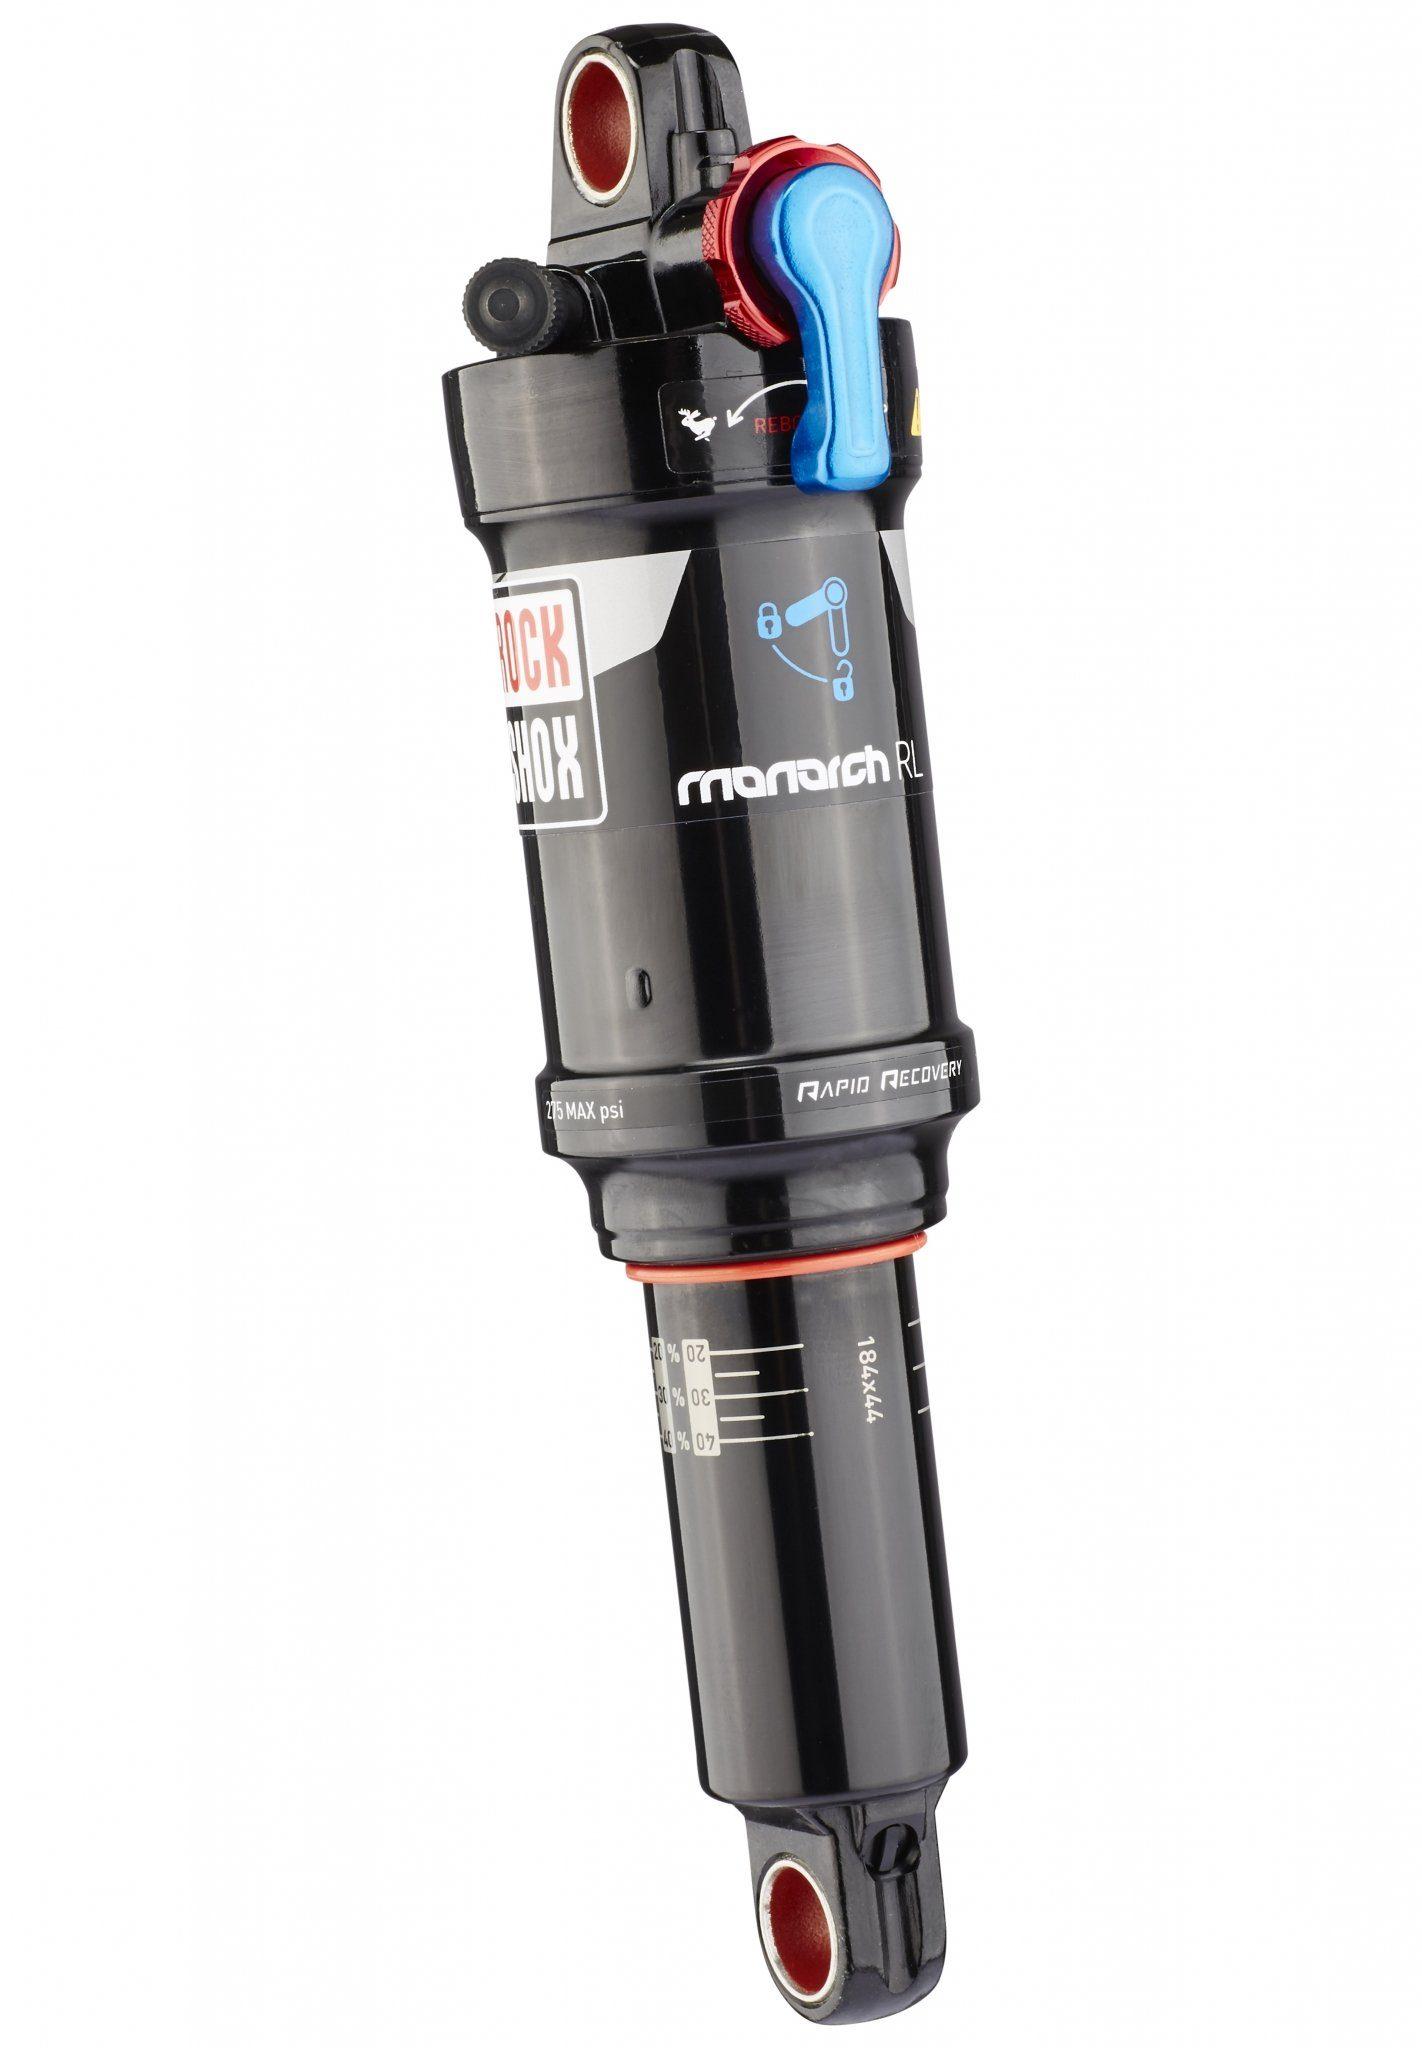 RockShox Fahrrad Dämpfer »Monarch RL 184 x 44mm 430 LF Tune mid/mid«